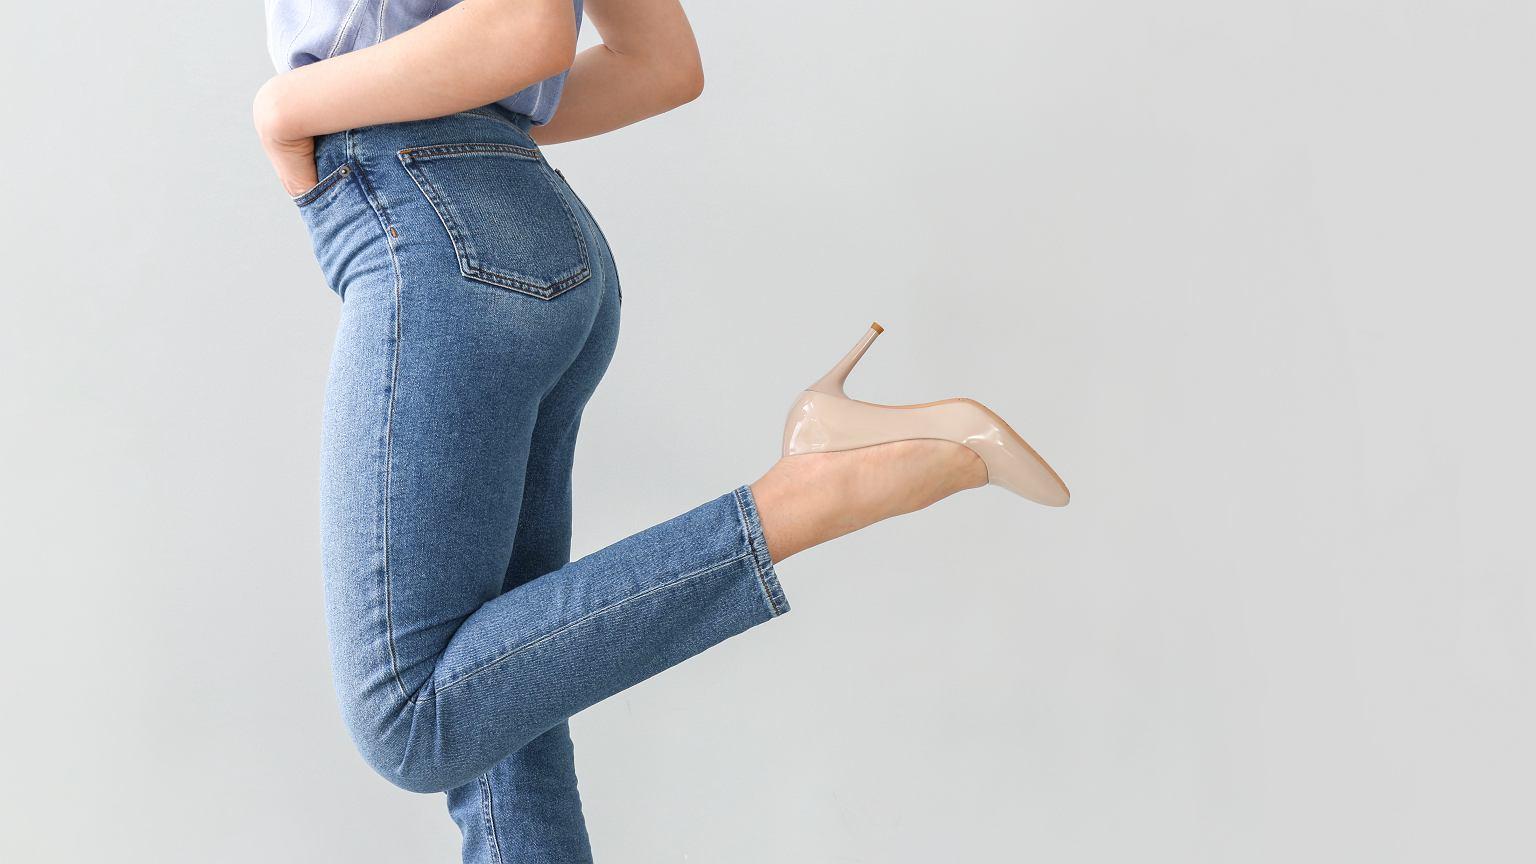 71e5d1be Jeansy - ulubione spodnie większości kobiet. Podpowiadamy, jak ...